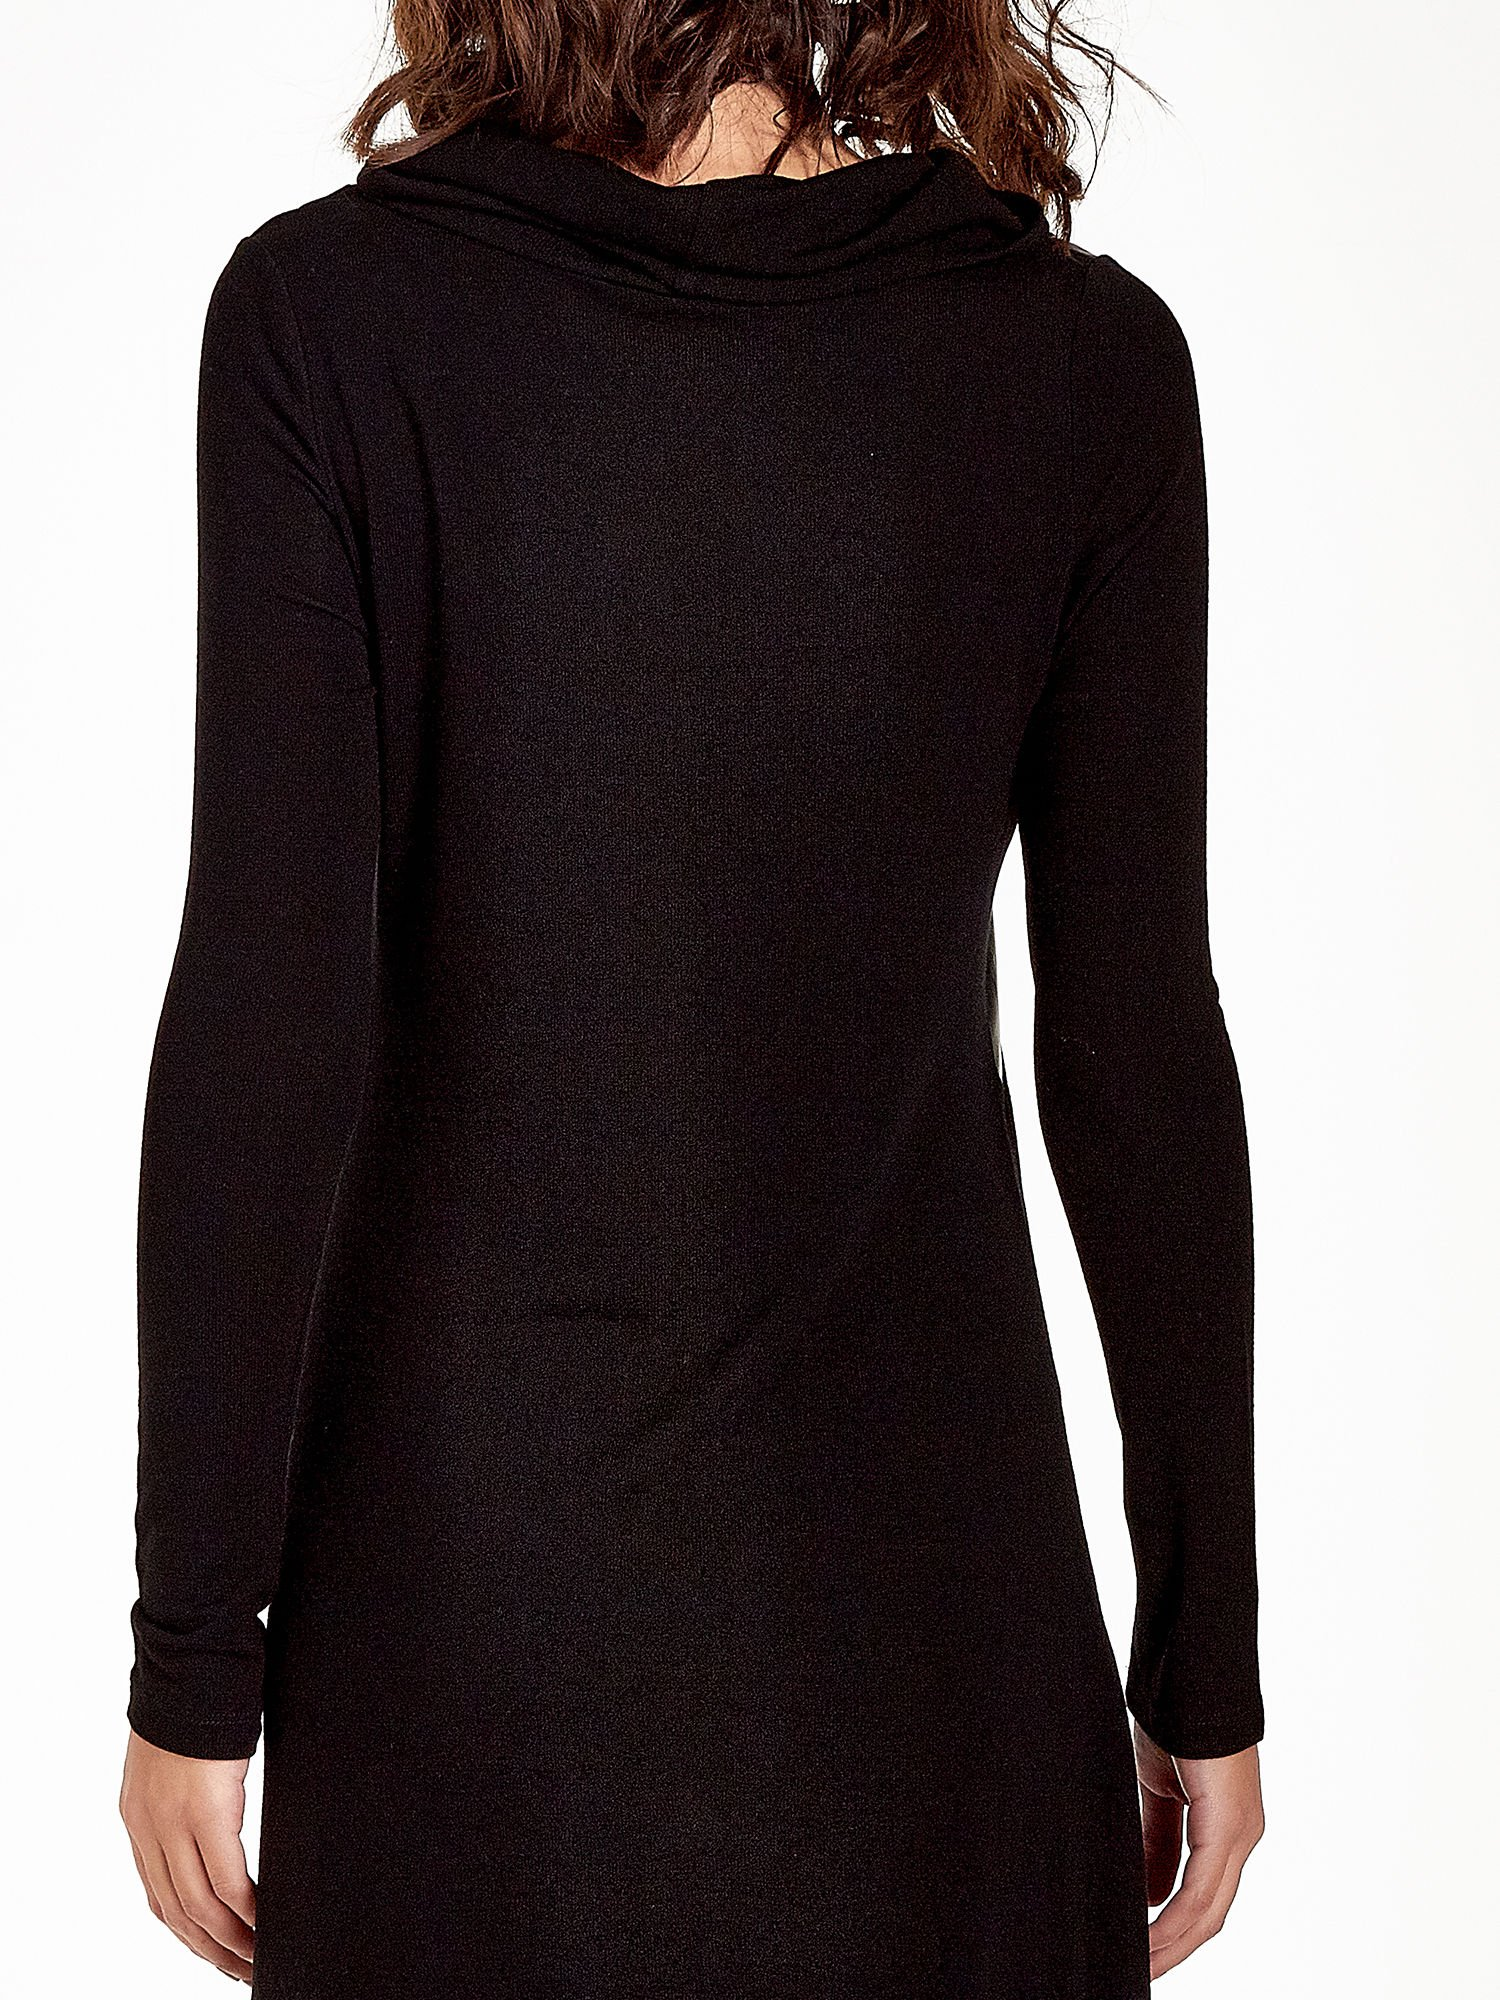 Czarna asymetryczna sukienka ze skórzanymi wstawkami                                  zdj.                                  5